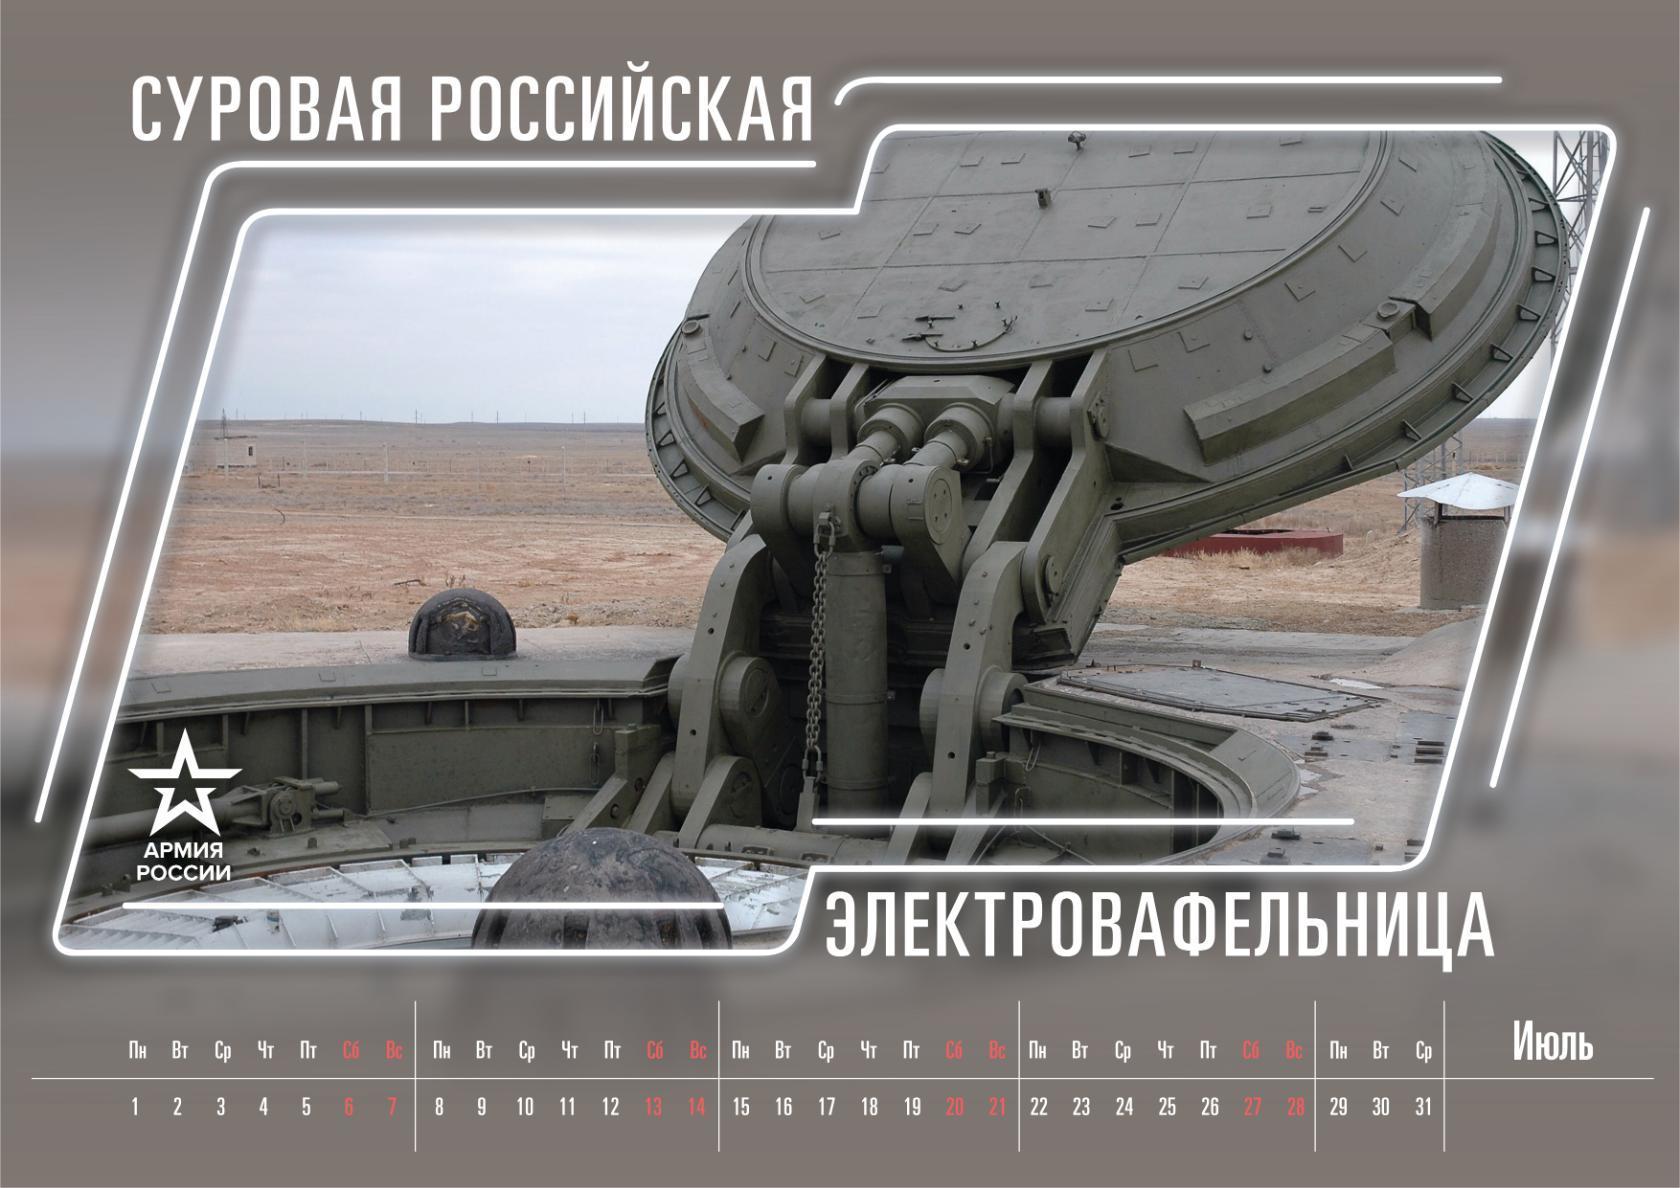 Минобороны выпустило календарь с армейским юмором на 2019 год